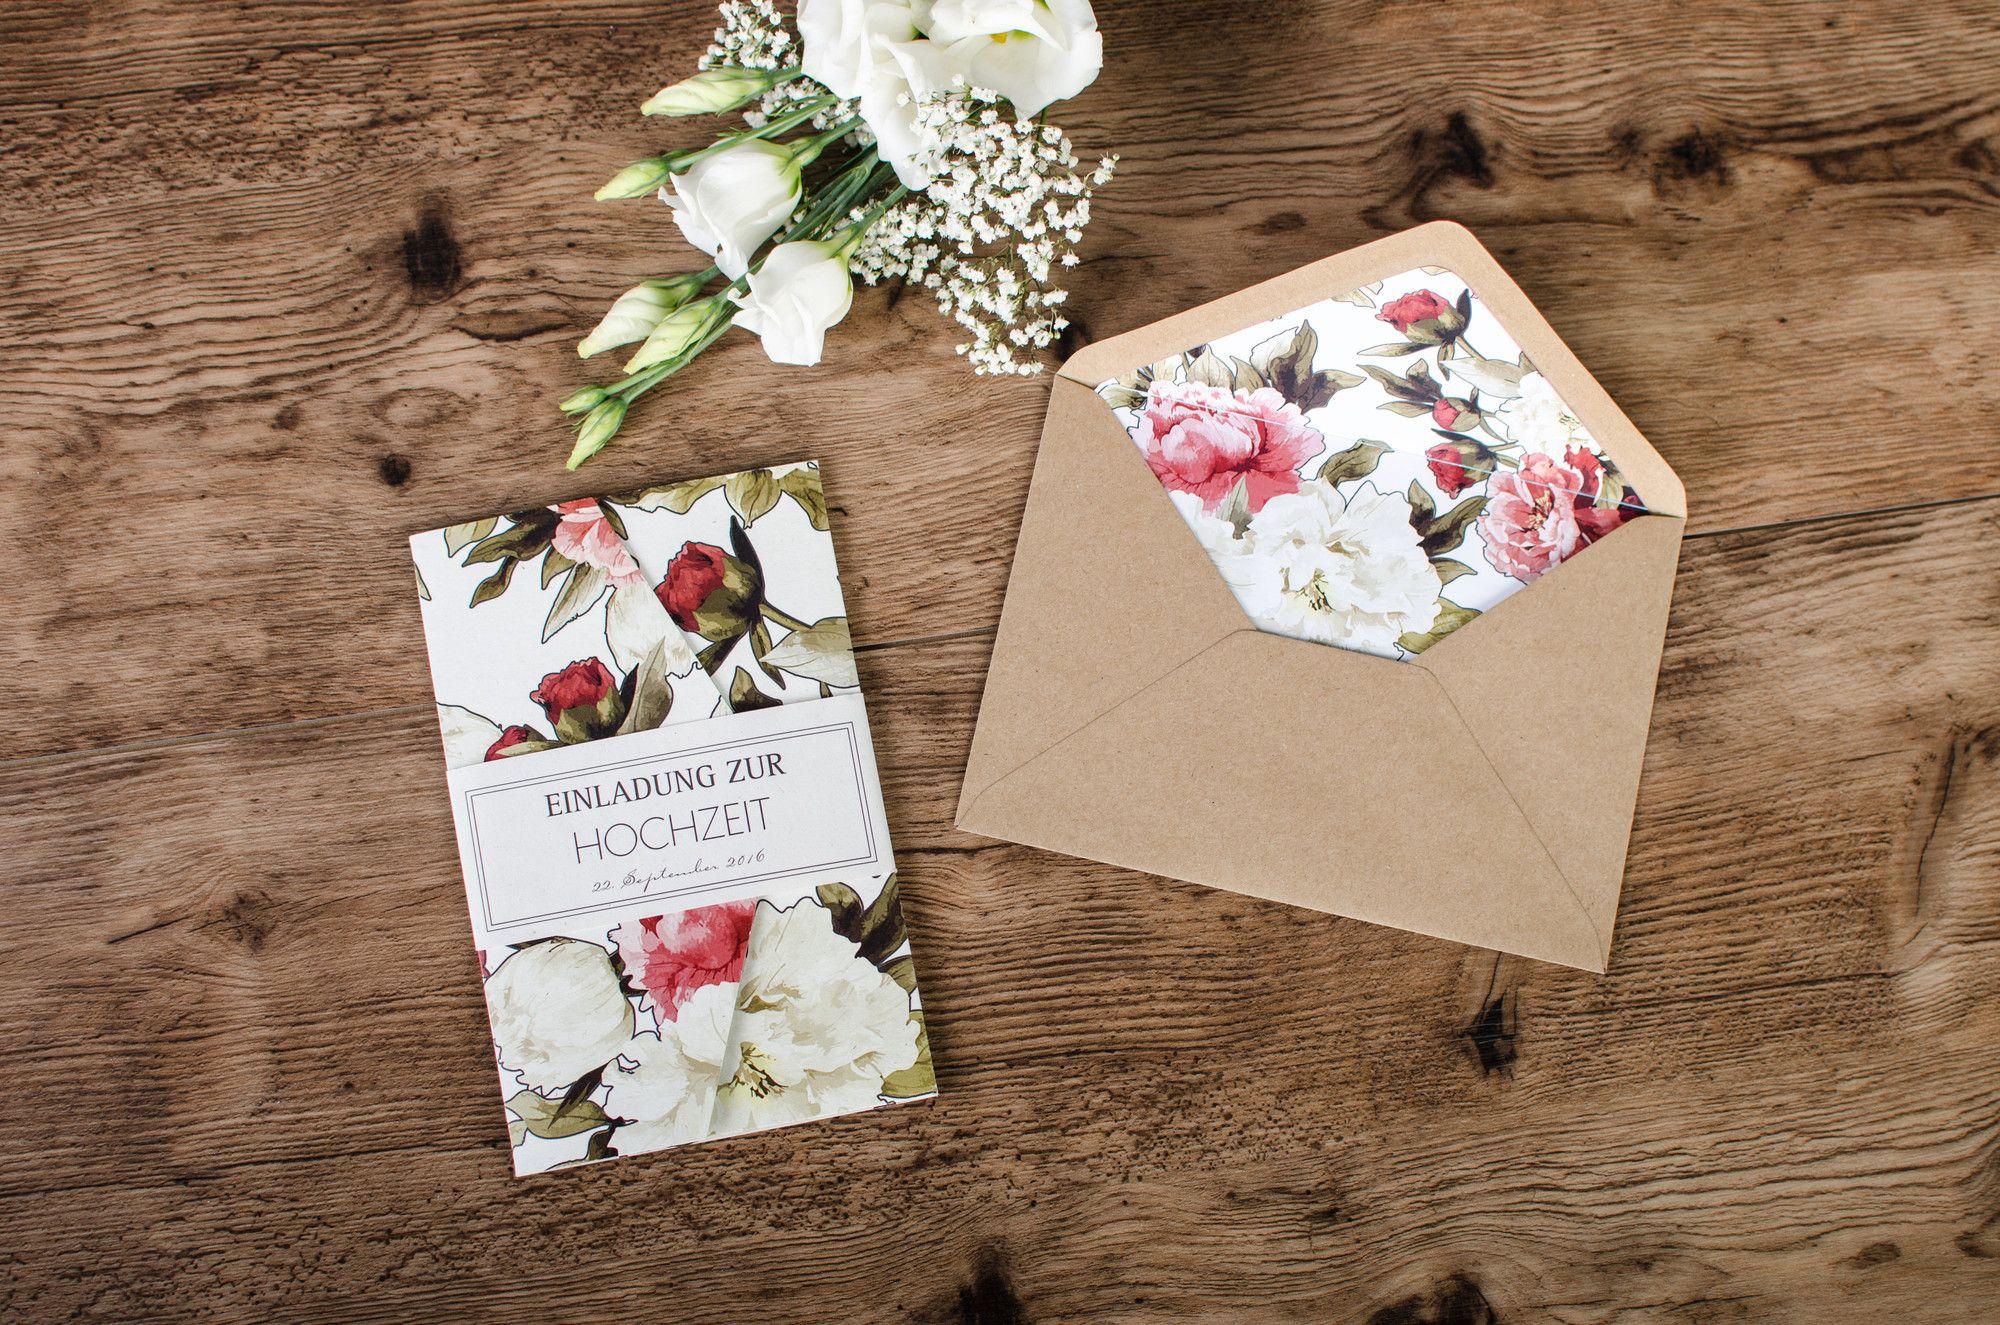 Einladung Hochzeit Pfingstrose  Hipopco